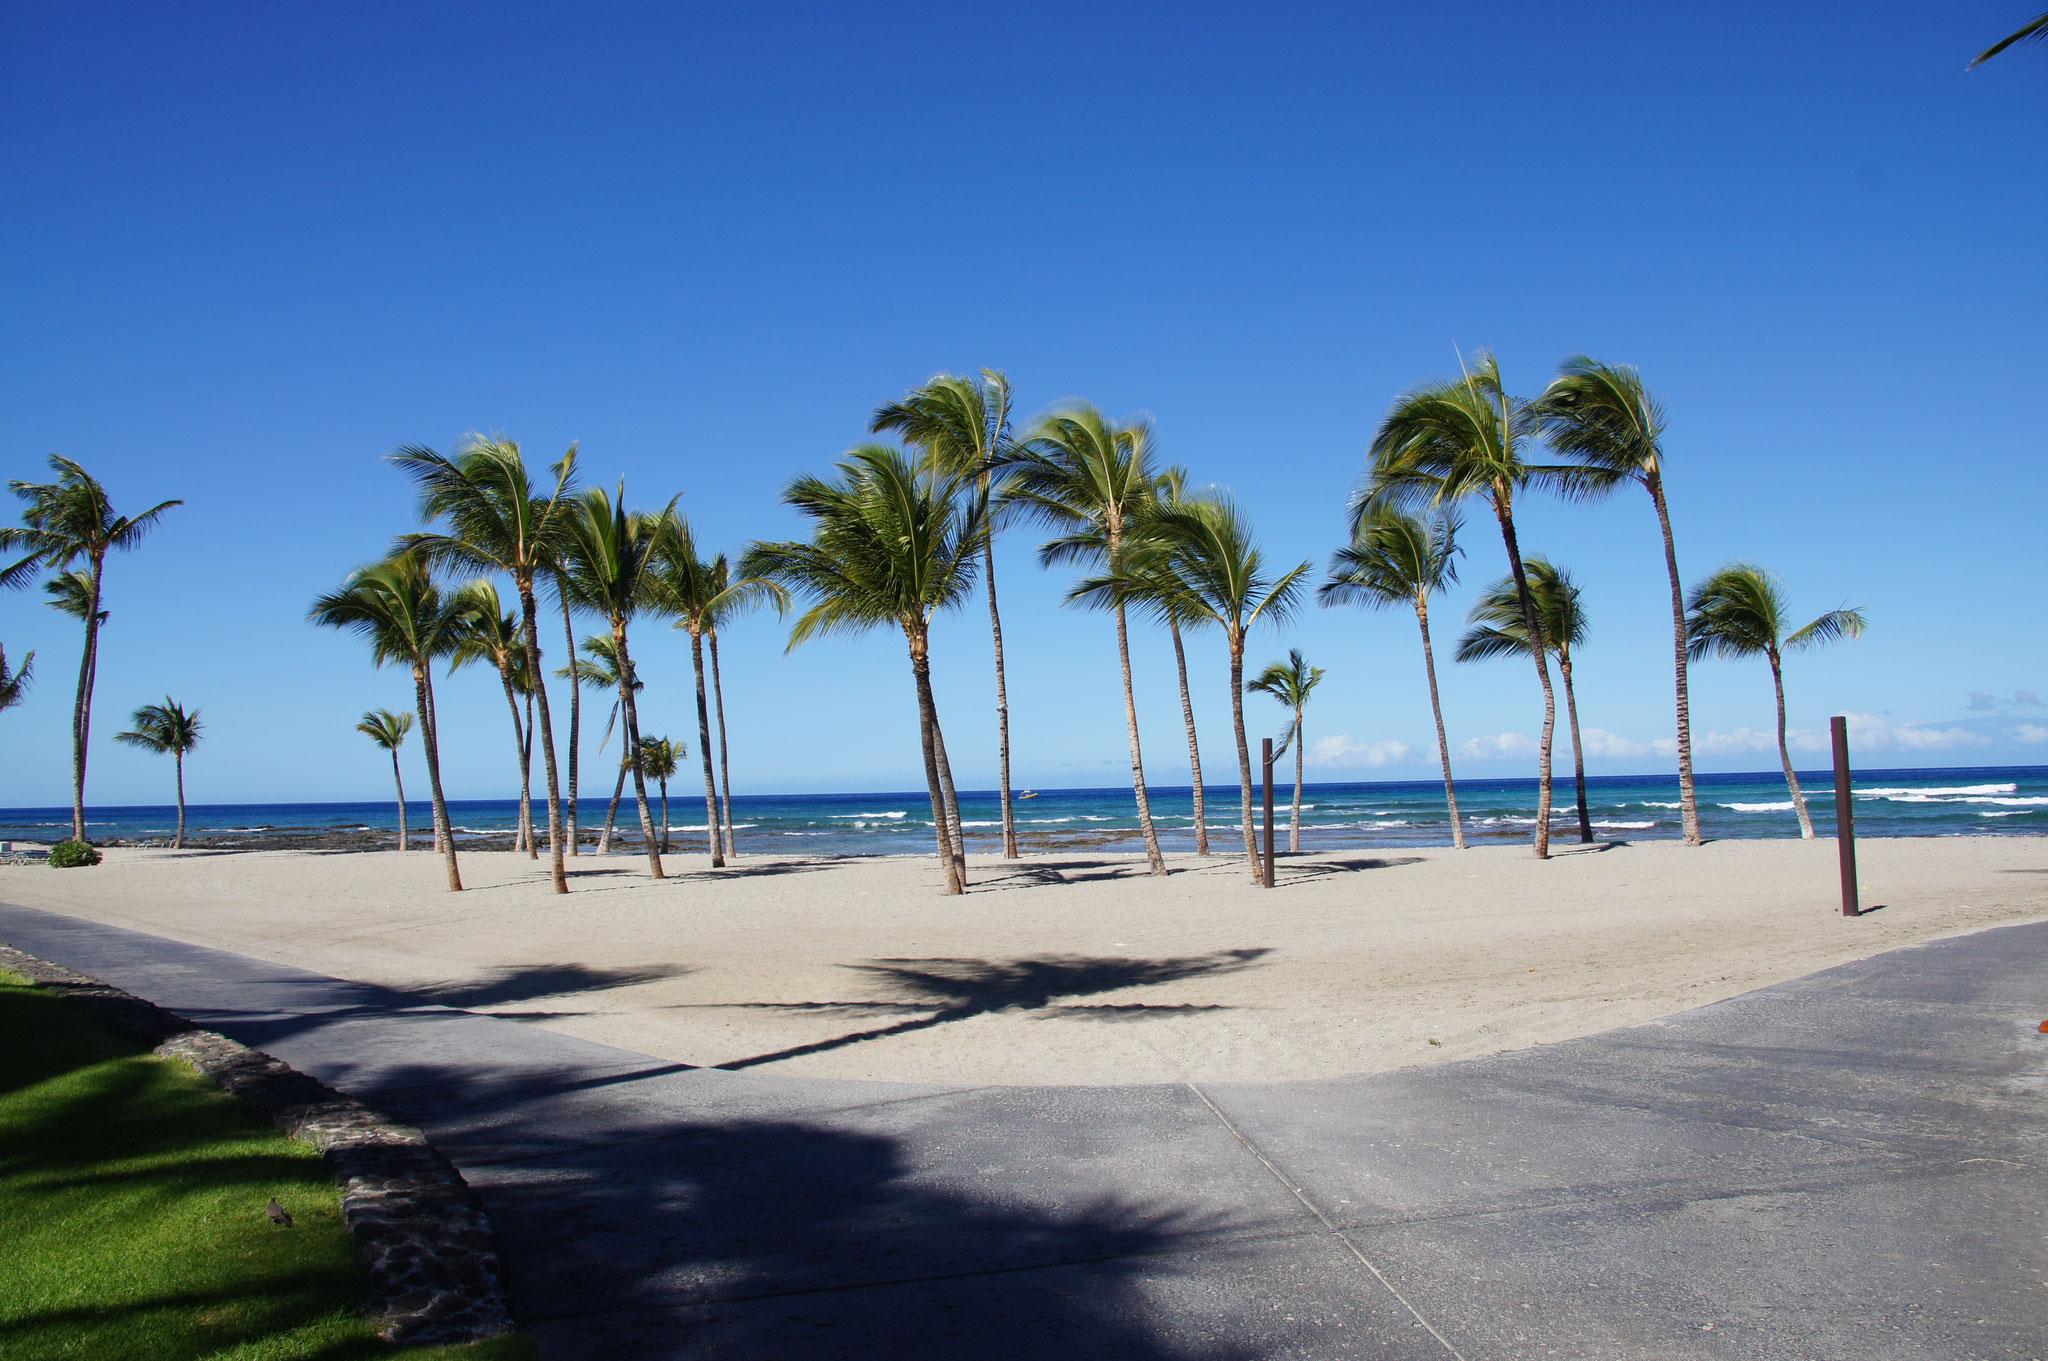 ein windiger Tag am Strand